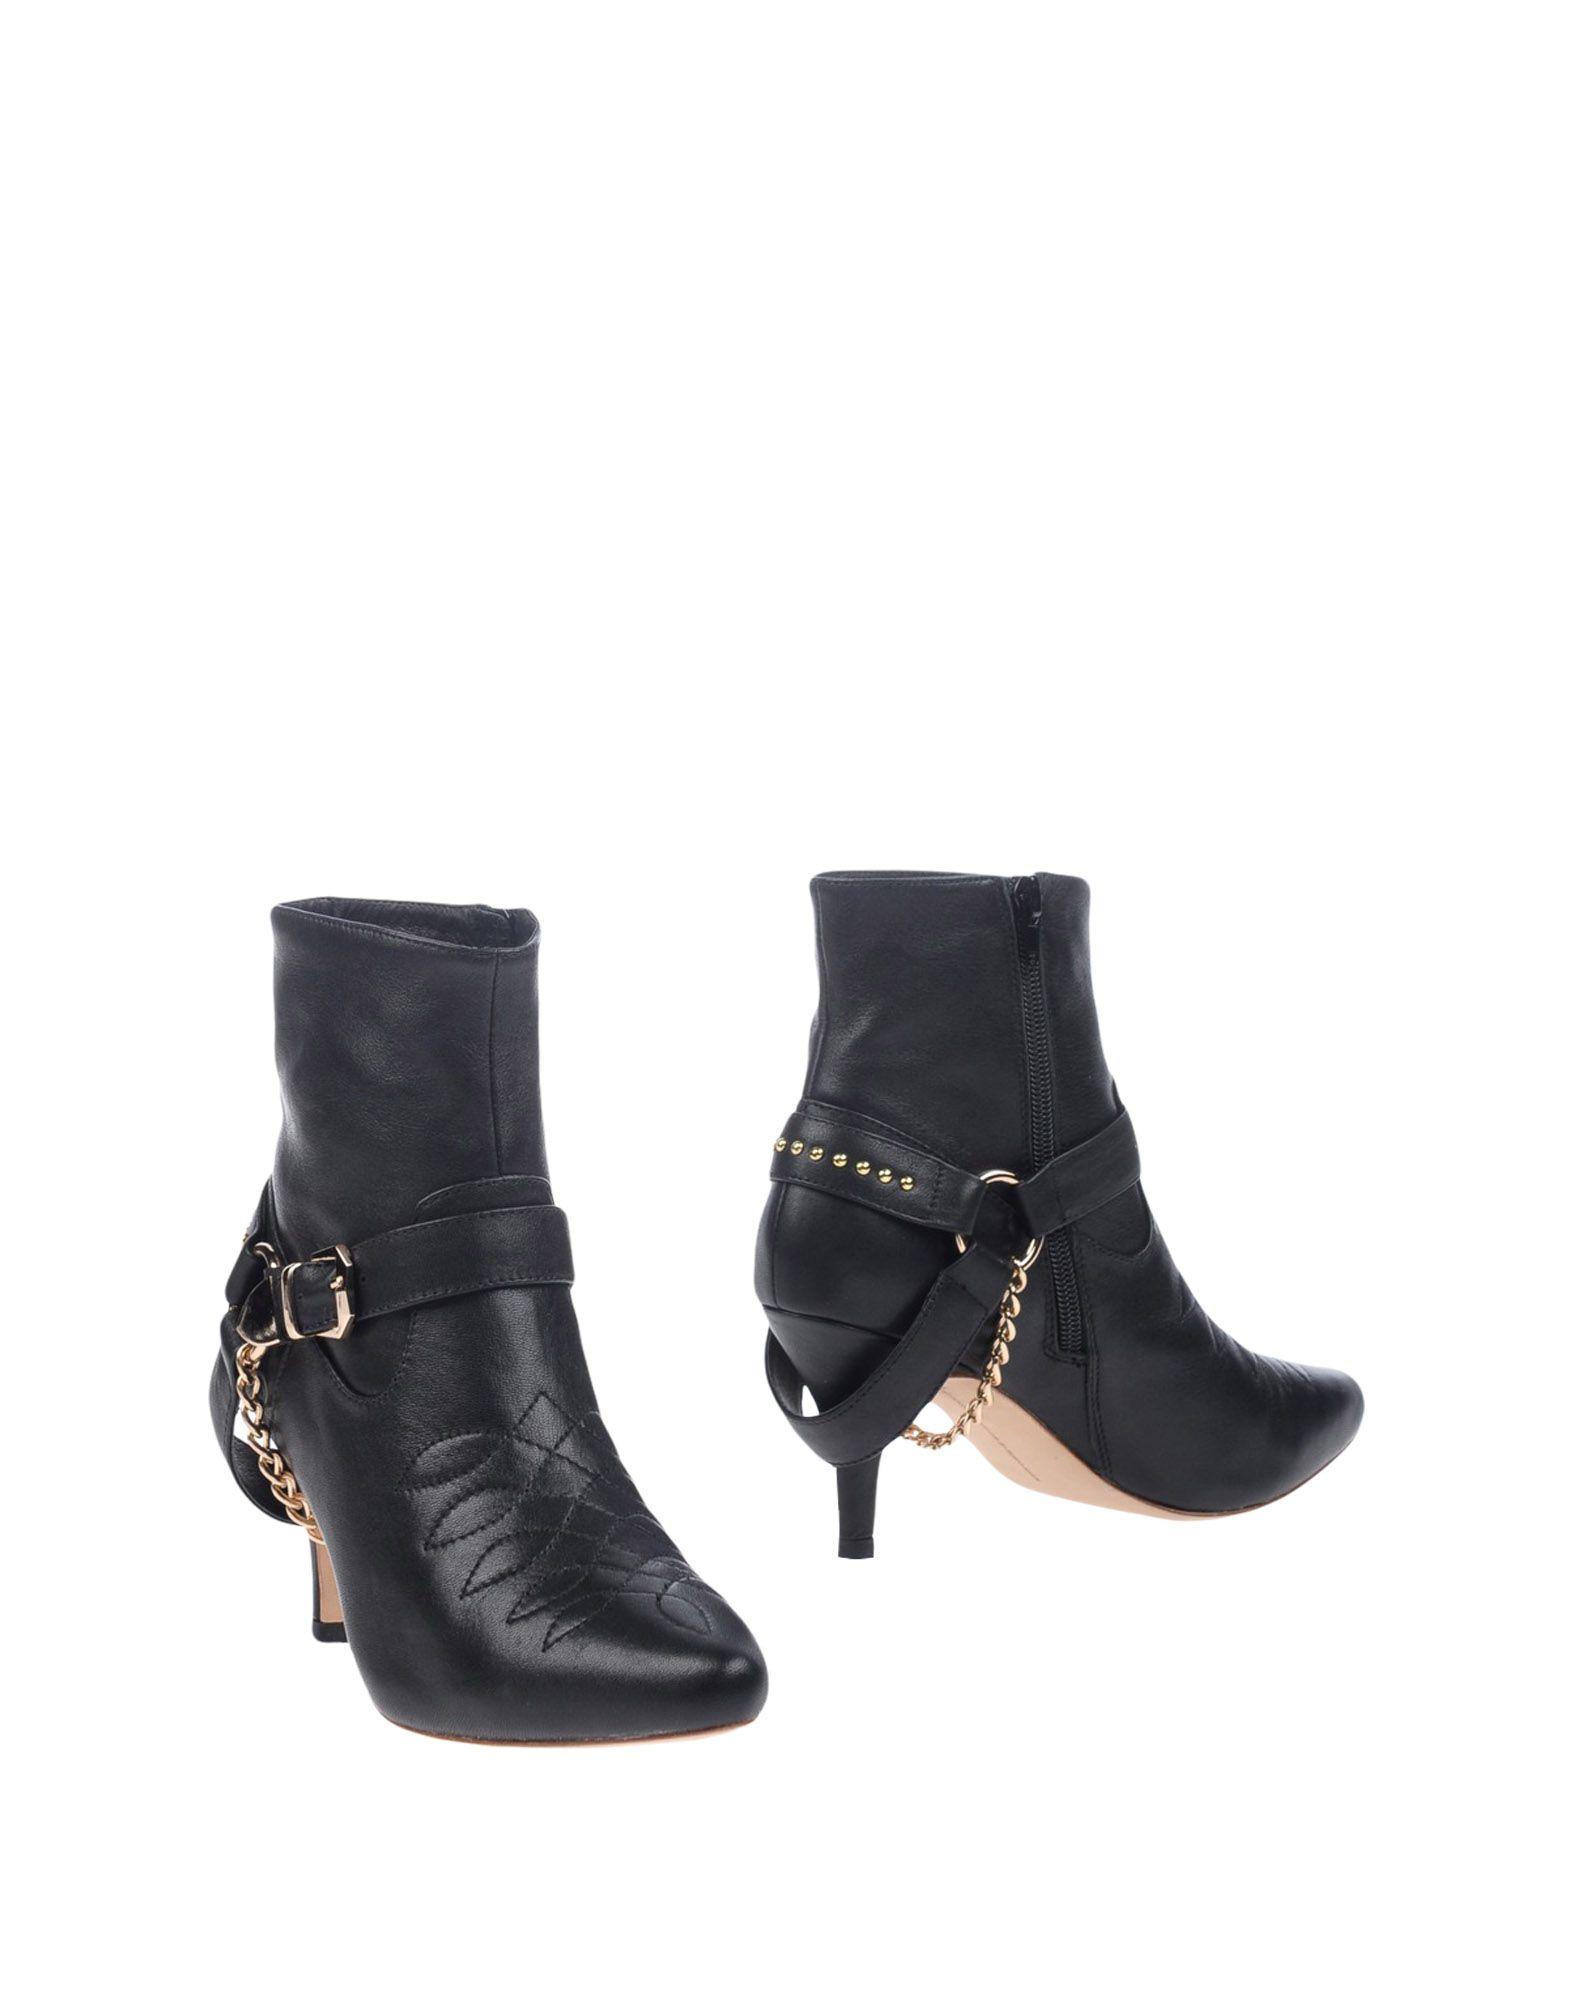 Sargossa Stiefelette Damen  11279558DK Gute Qualität beliebte Schuhe